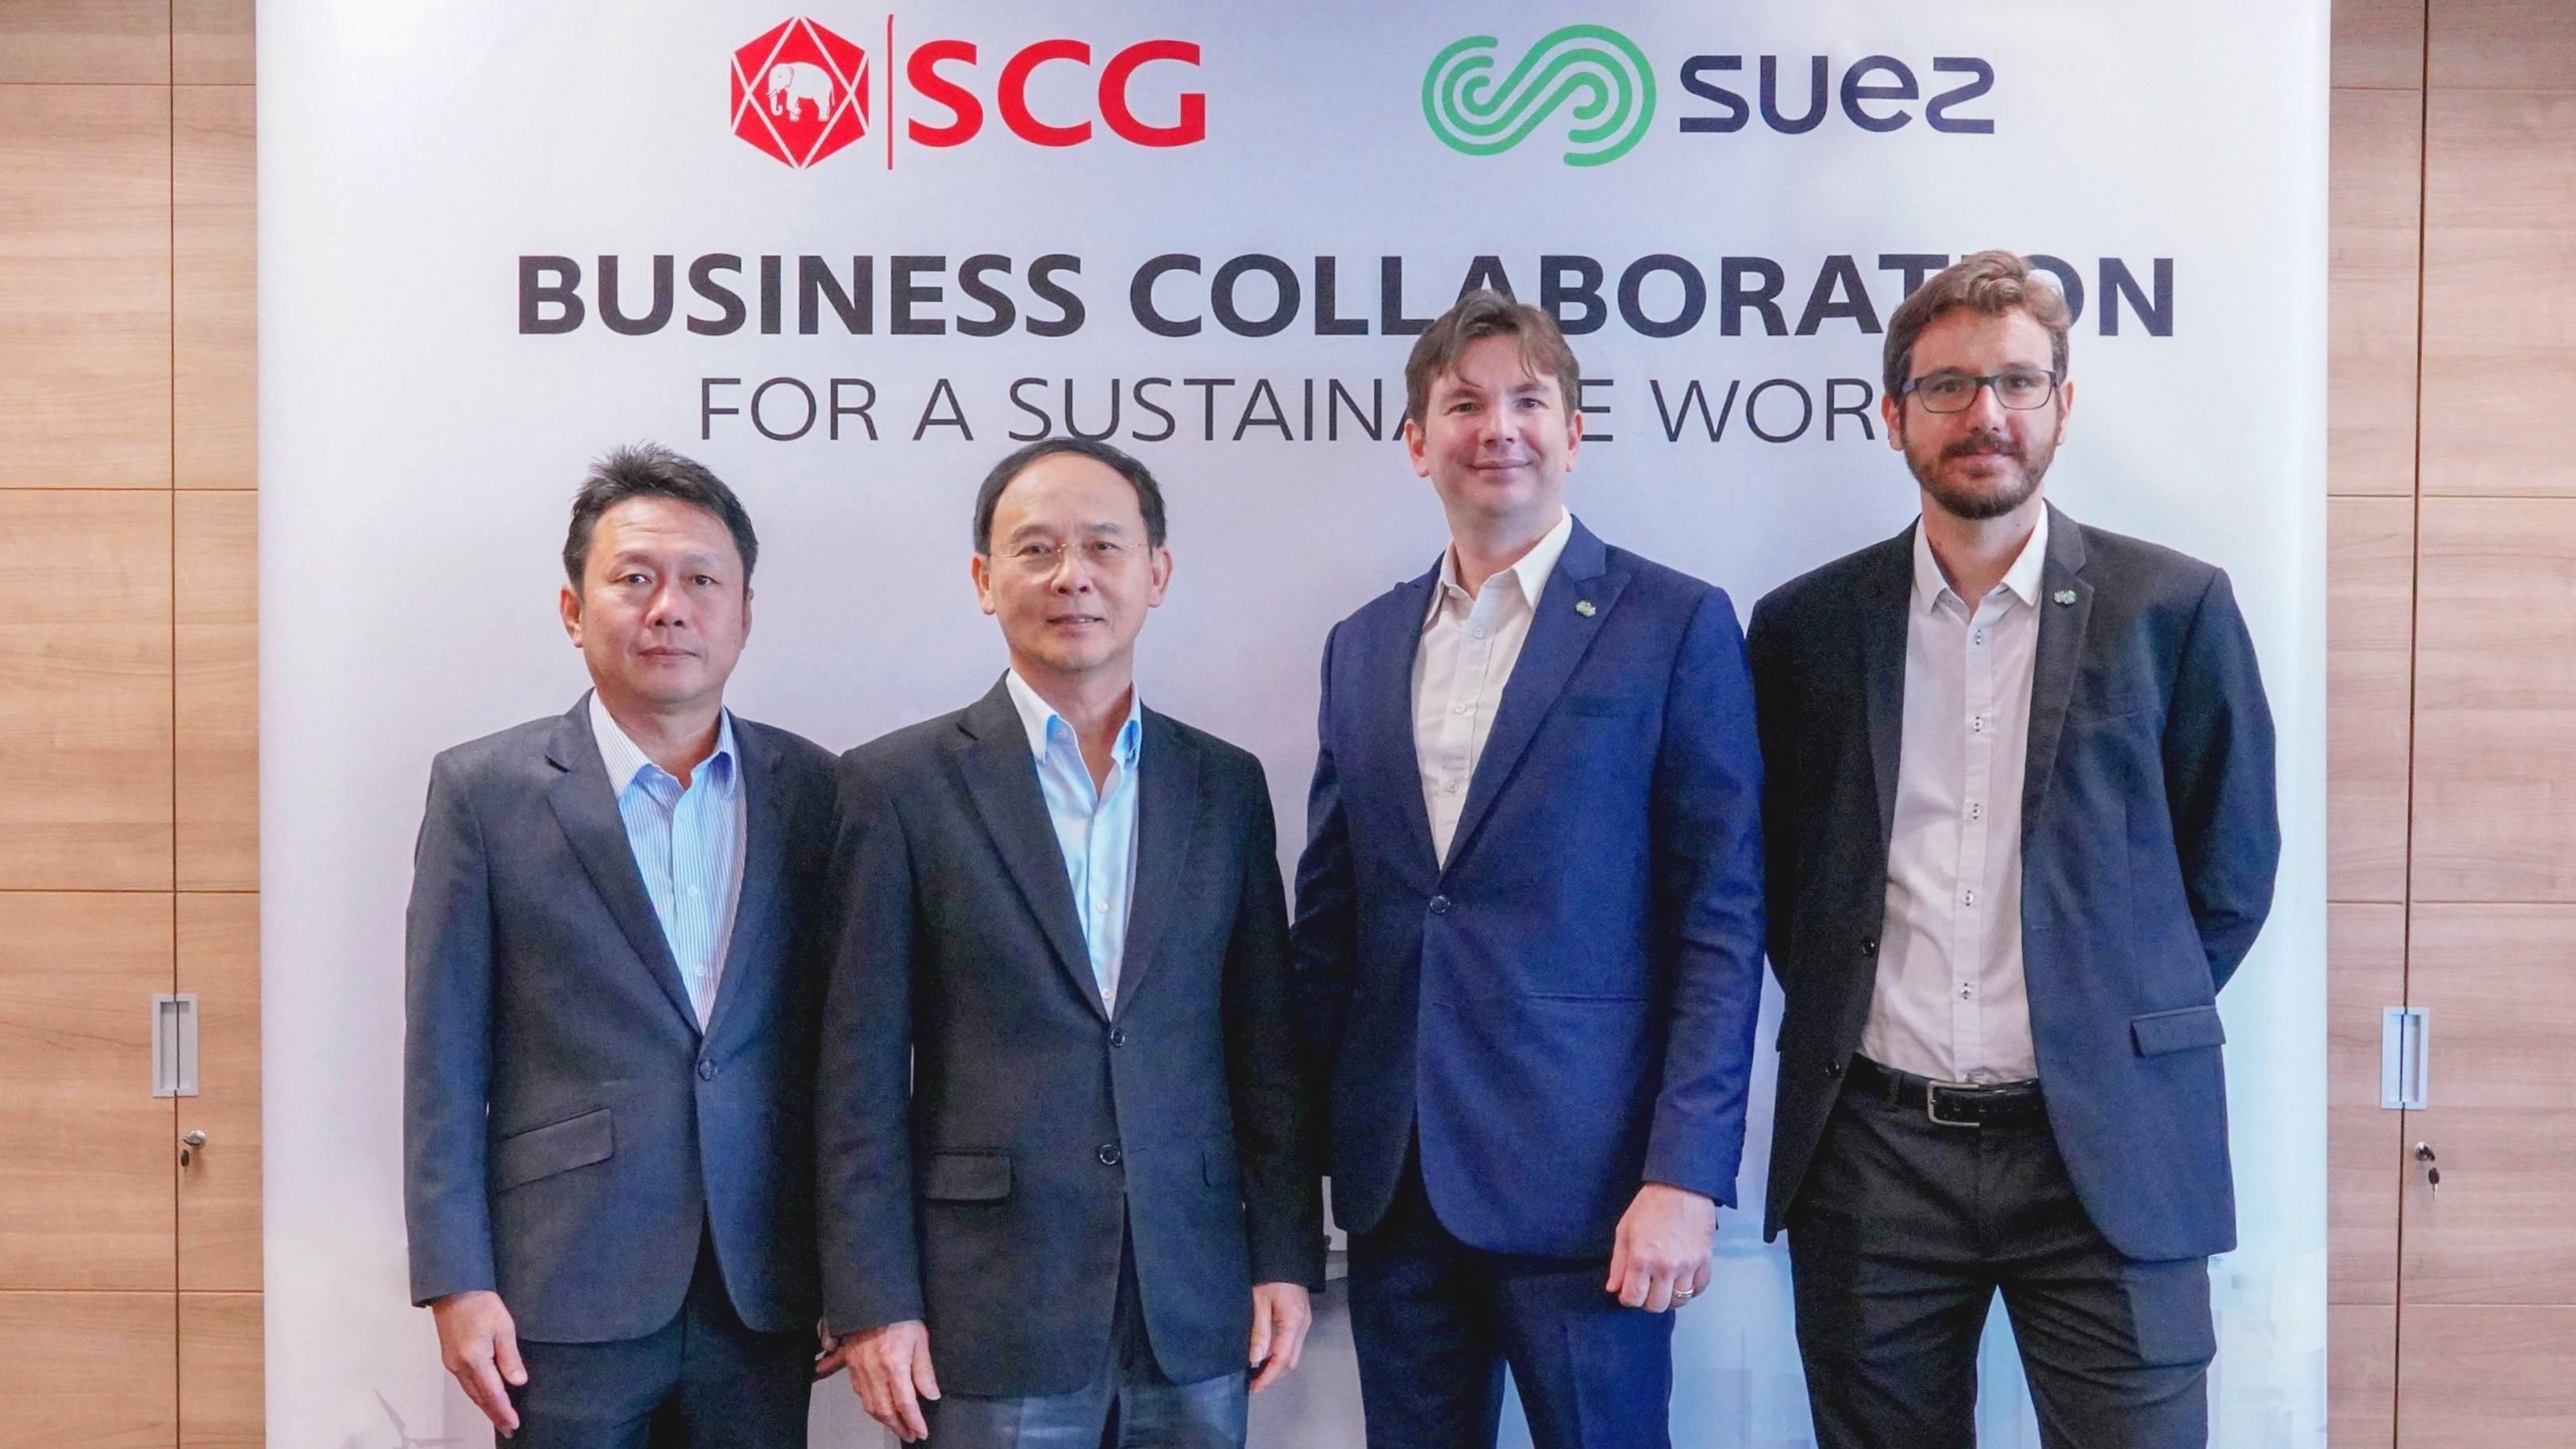 SUEZ teams up with SCG retouched